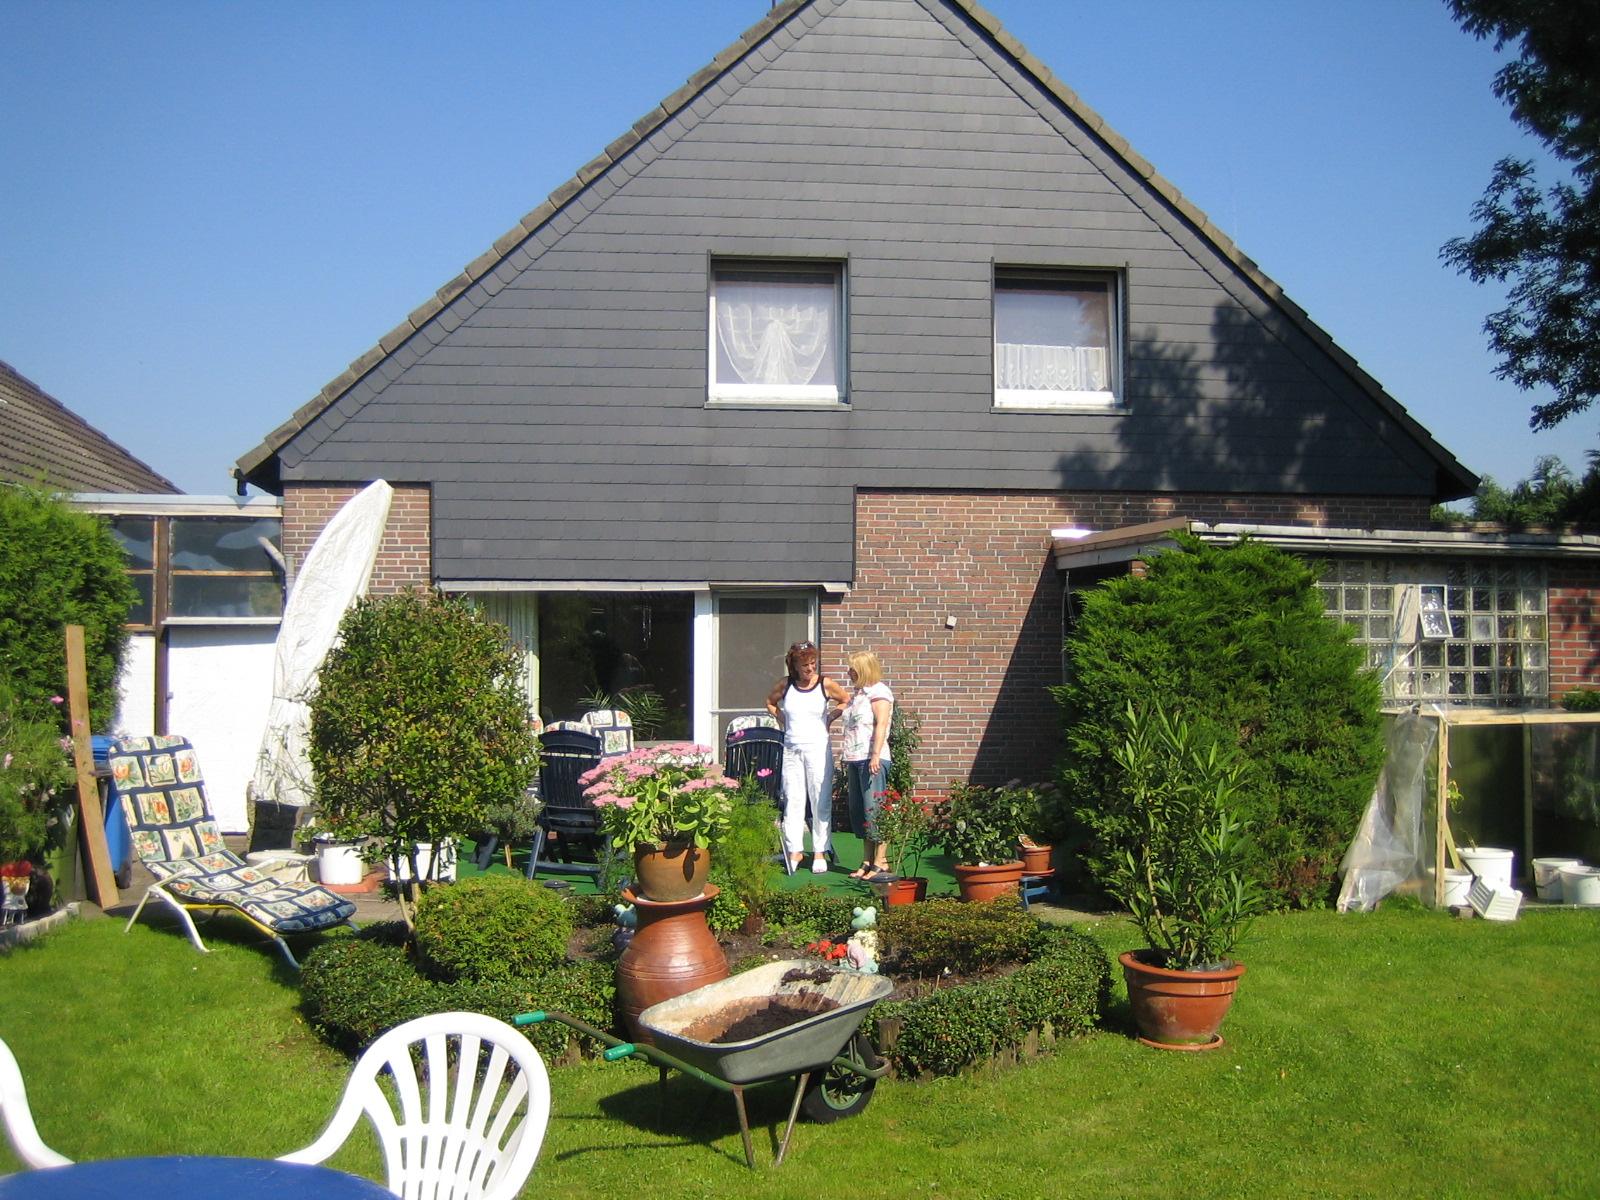 einfamilienhaus g nstig zu vermieten in kirchen wehbach vermietungen kleinanzeigen. Black Bedroom Furniture Sets. Home Design Ideas